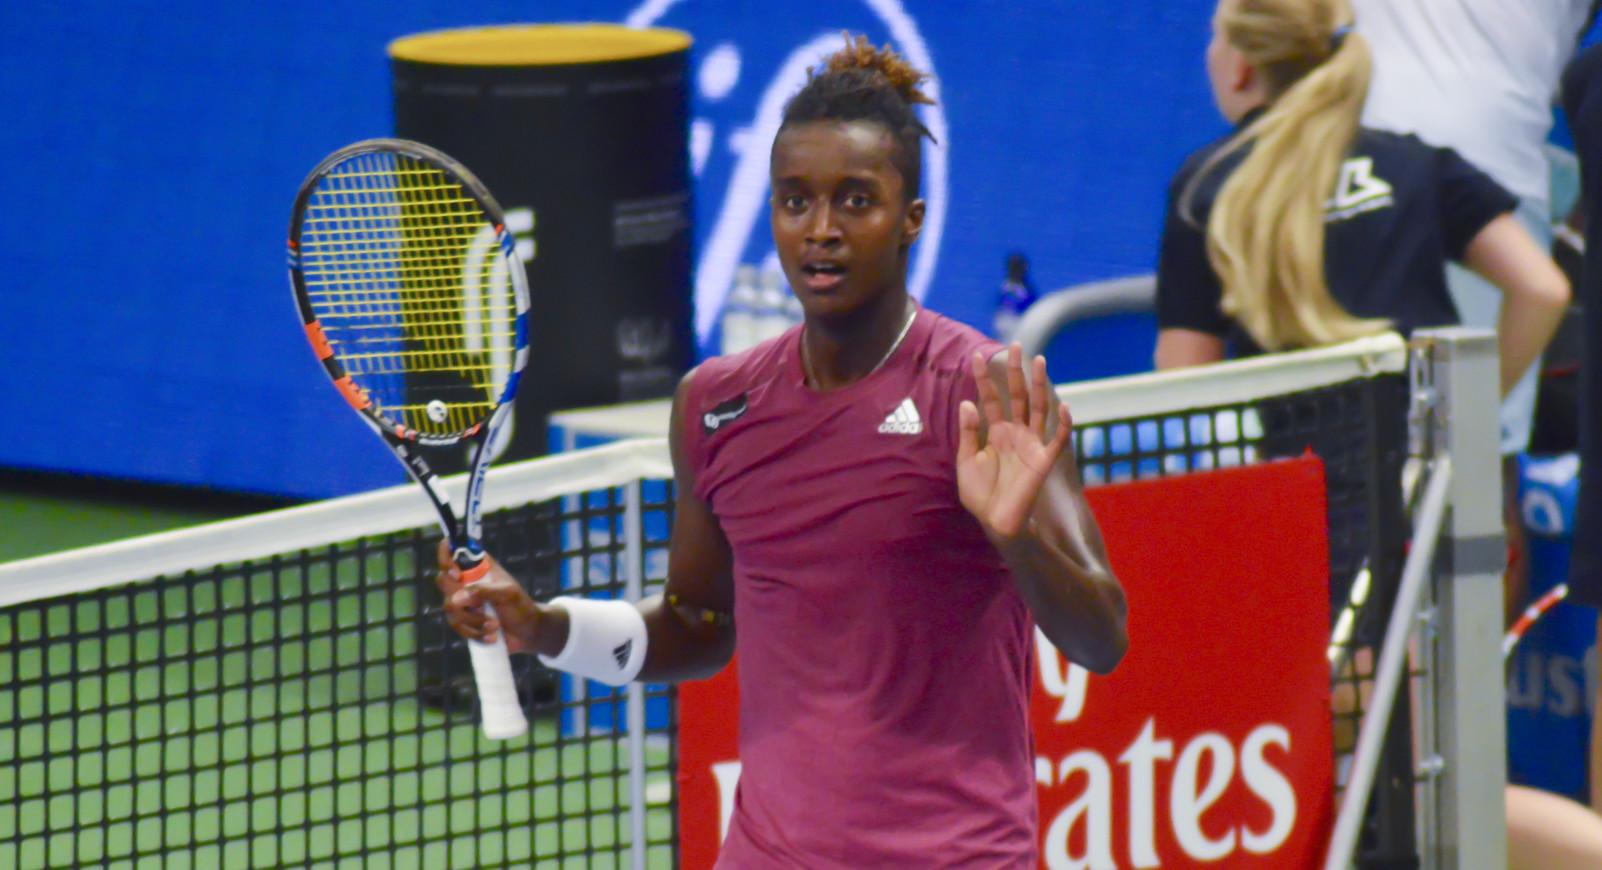 Mikael Ymer (Foto: Alex Theodoridis/Tennisportalen)